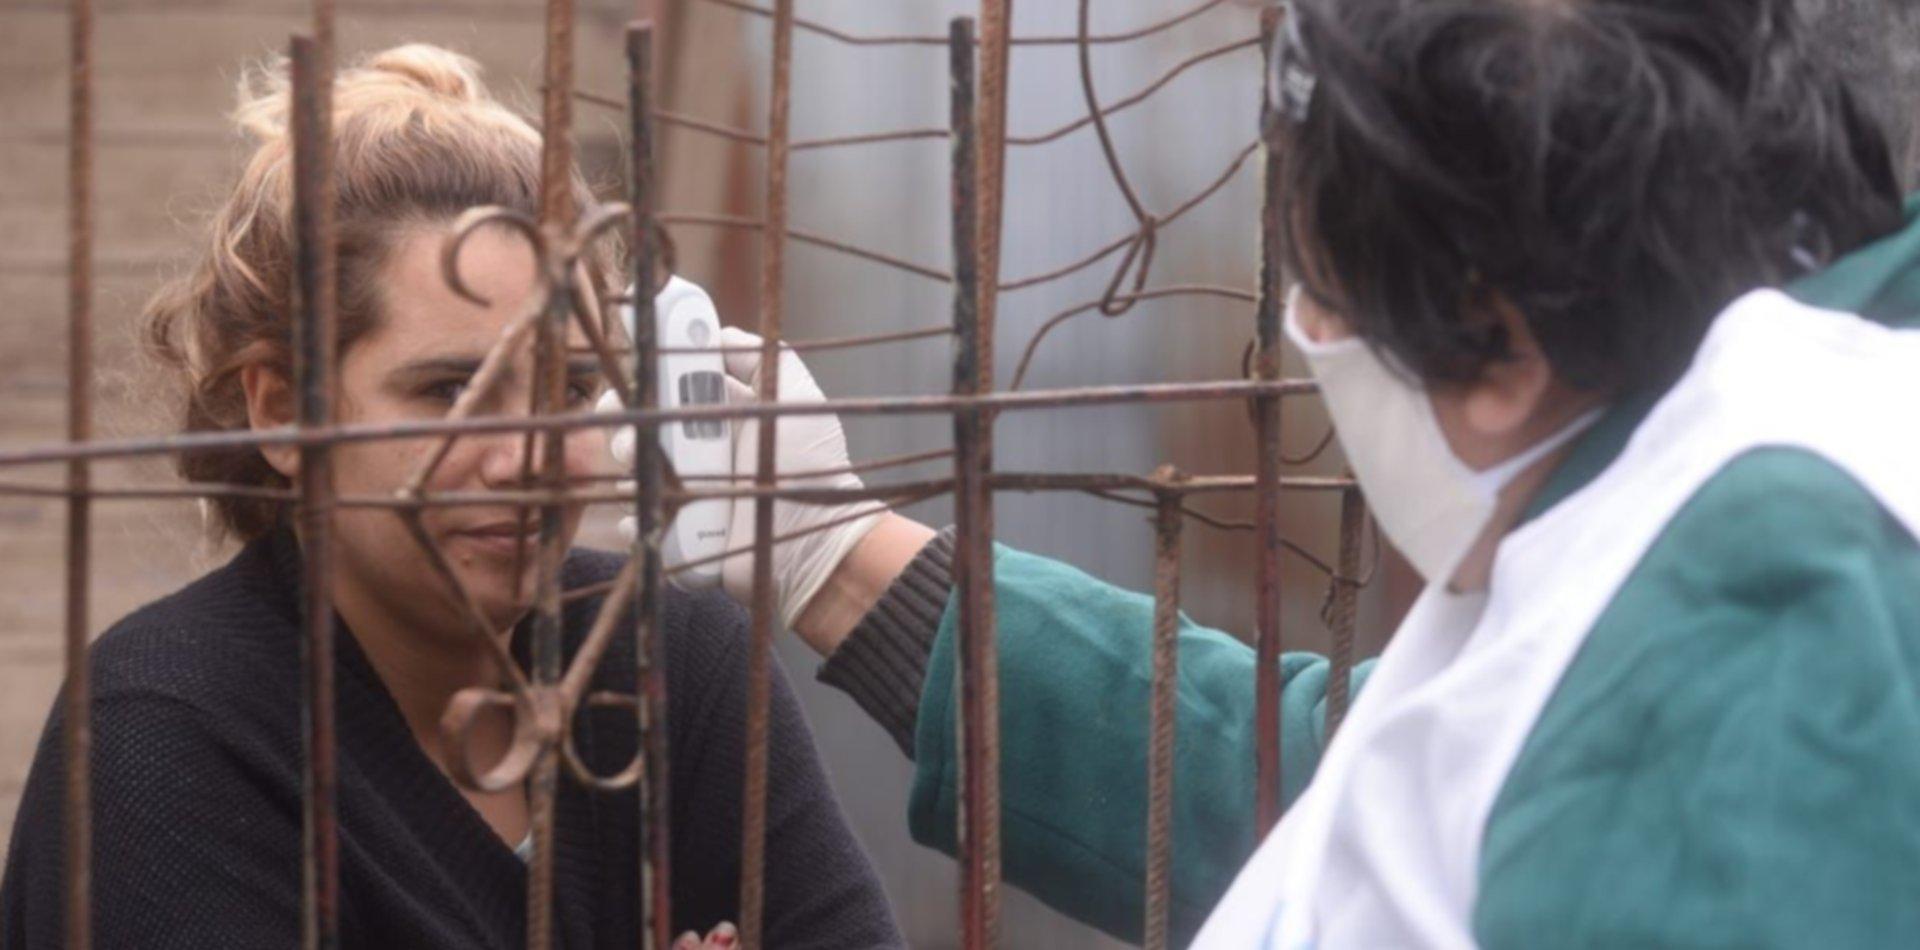 Récord de casos de coronavirus en La Plata: confirmaron 12 contagios en 24 horas